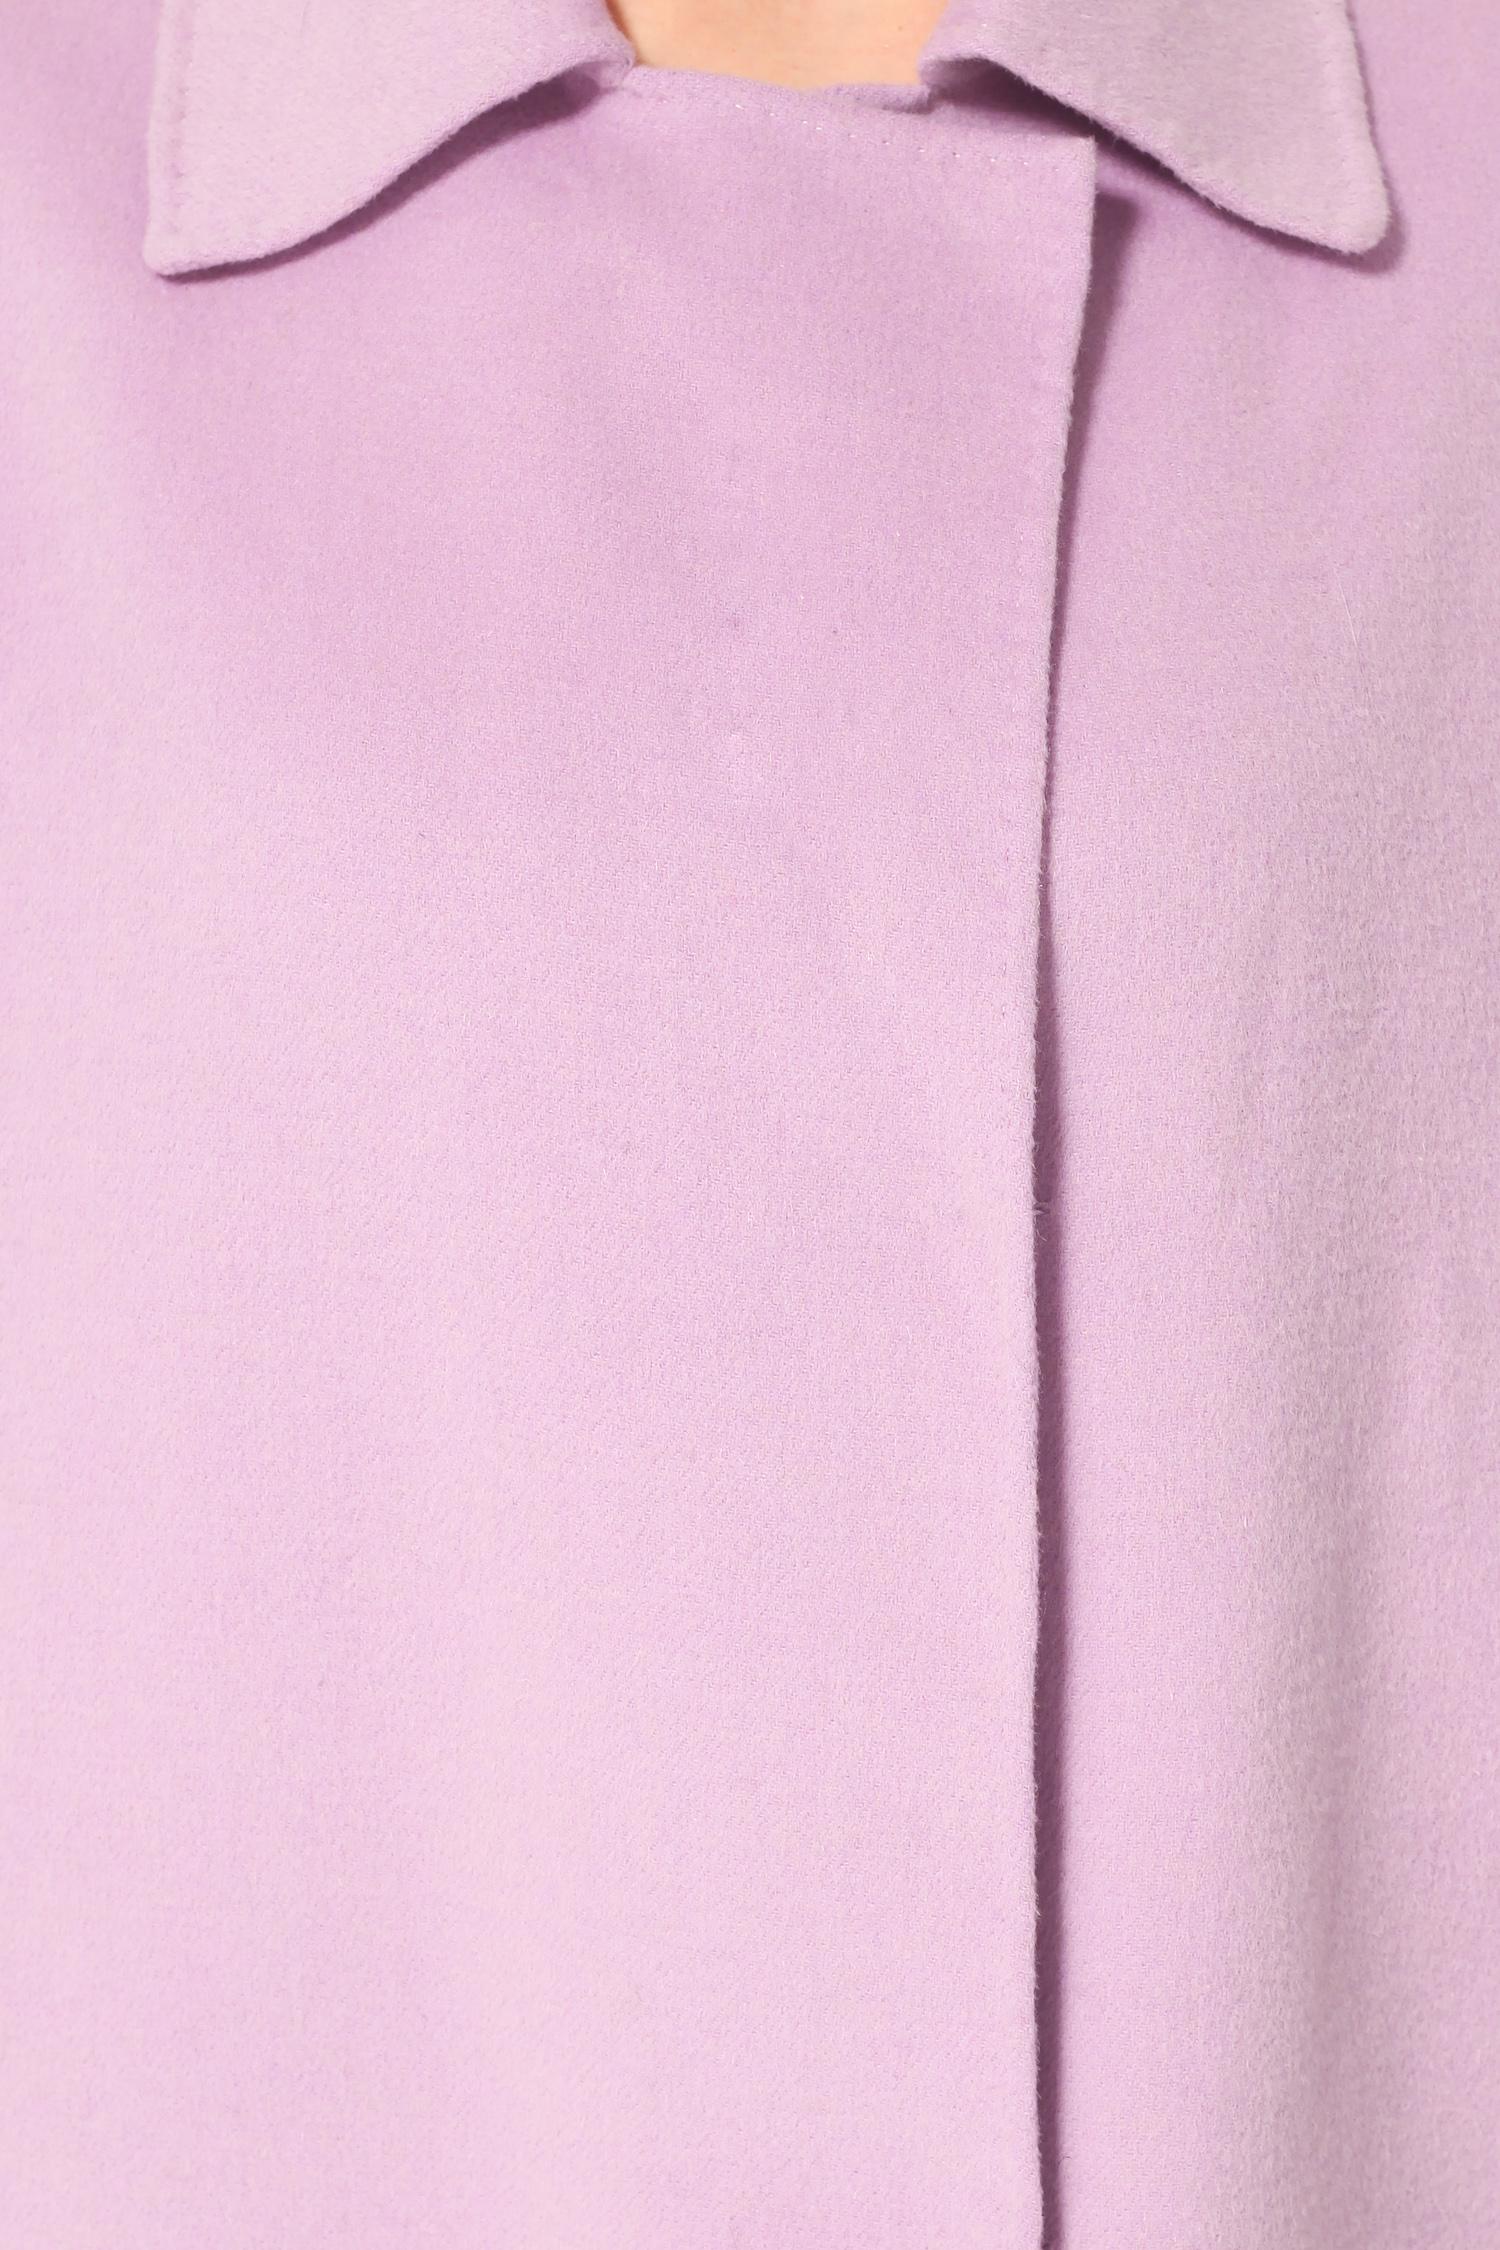 Фото 6 - Женское пальто из текстиля с воротником от МОСМЕХА цвета фуксия